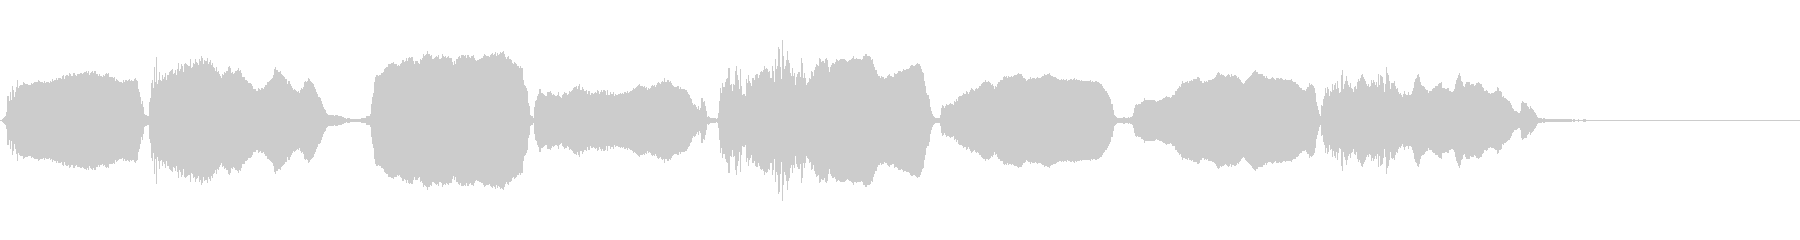 バイオリン:アップスケールプレイド...の未再生の波形